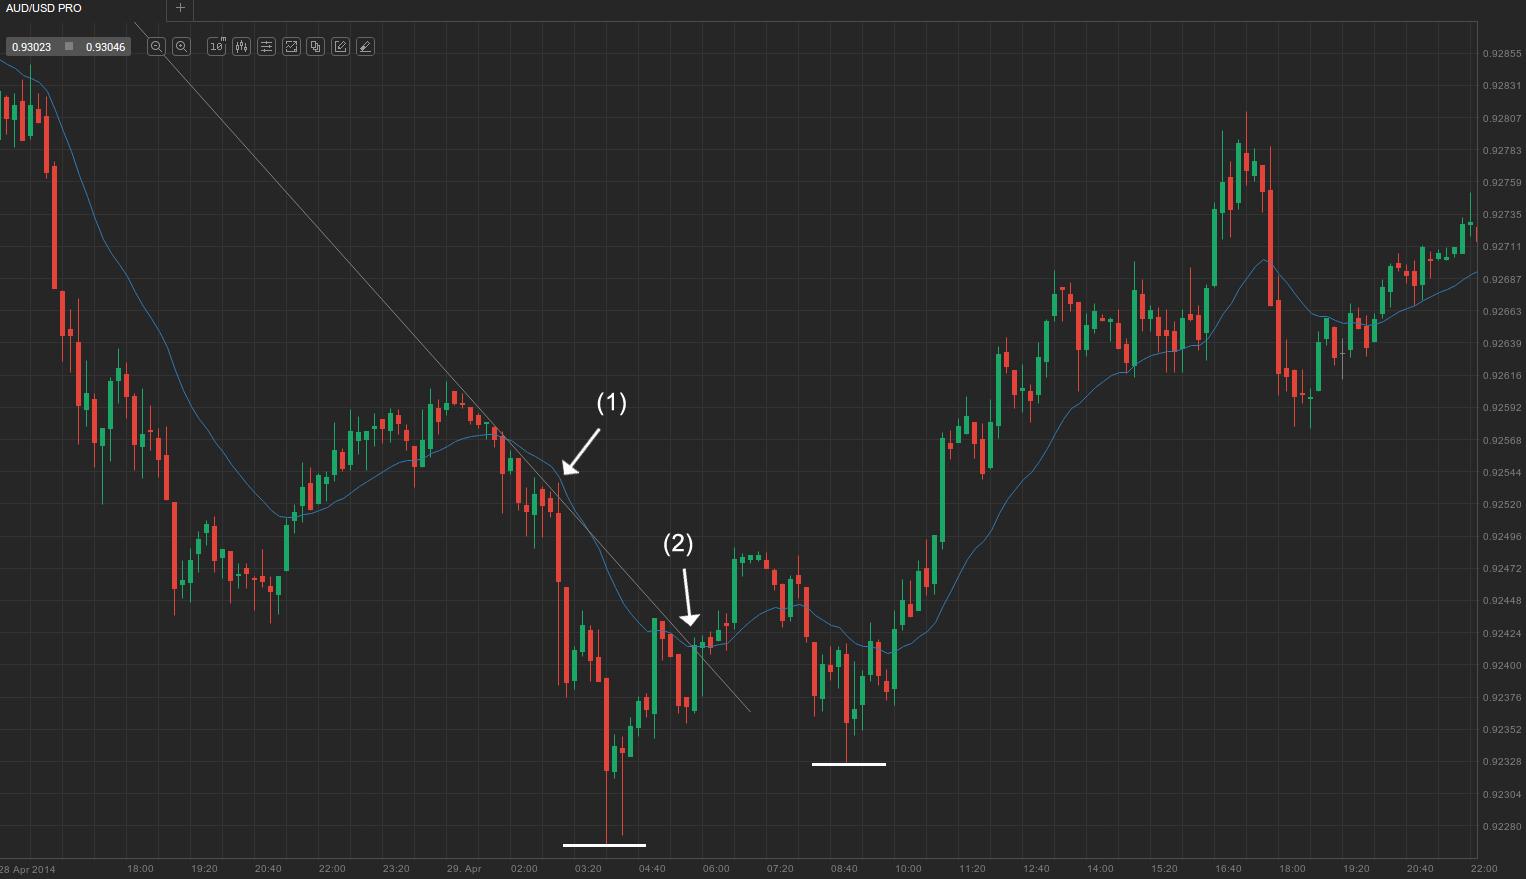 2. Major trend line break